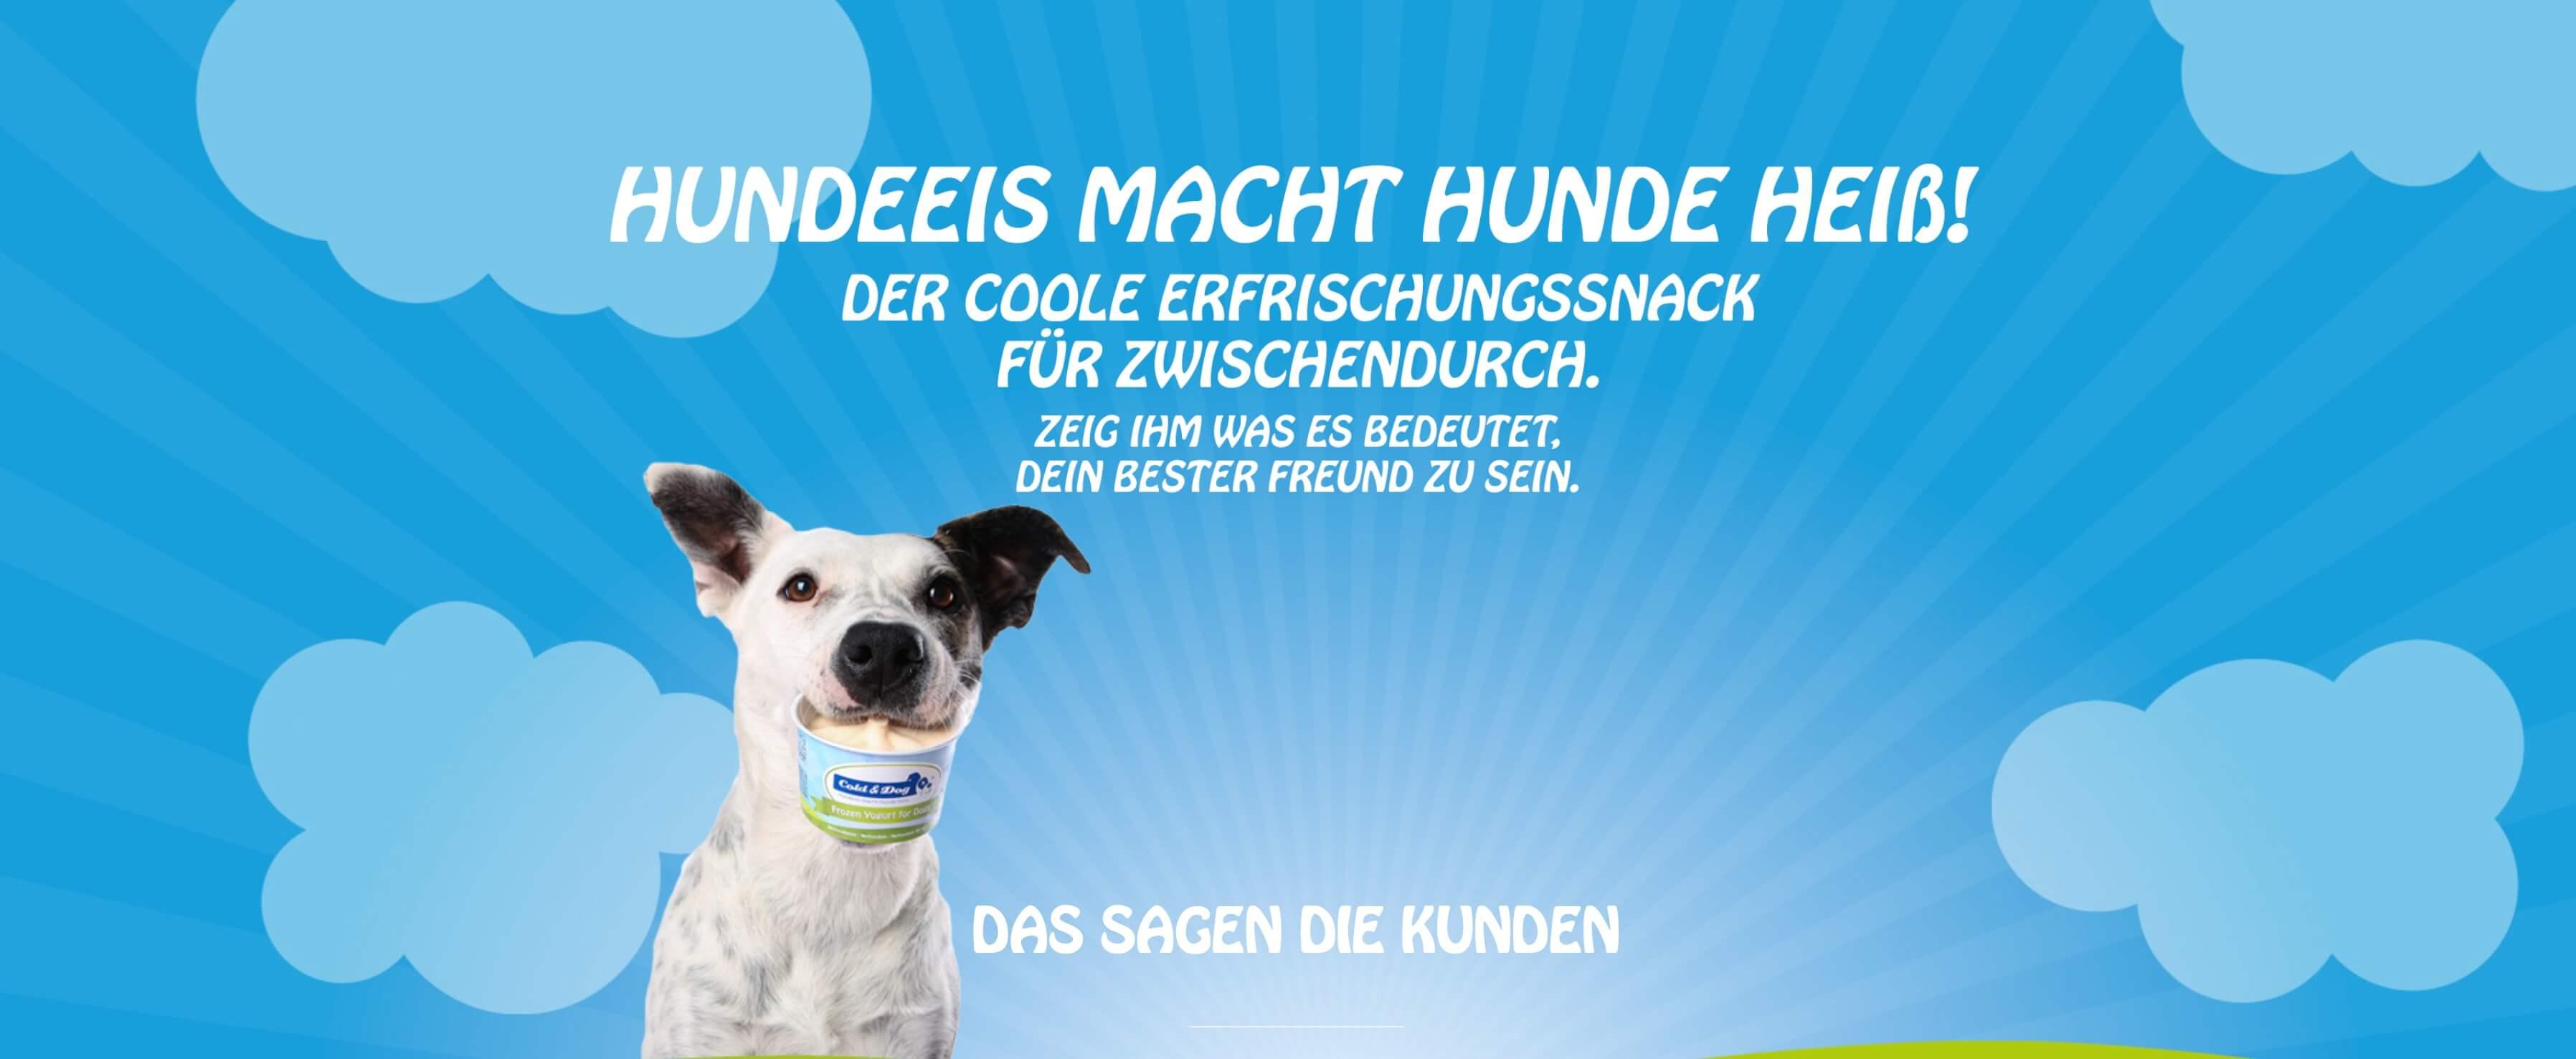 Image of Hundeeis macht Hunde heiß: Frozen Joghurt für Hunde von Cold & Dog